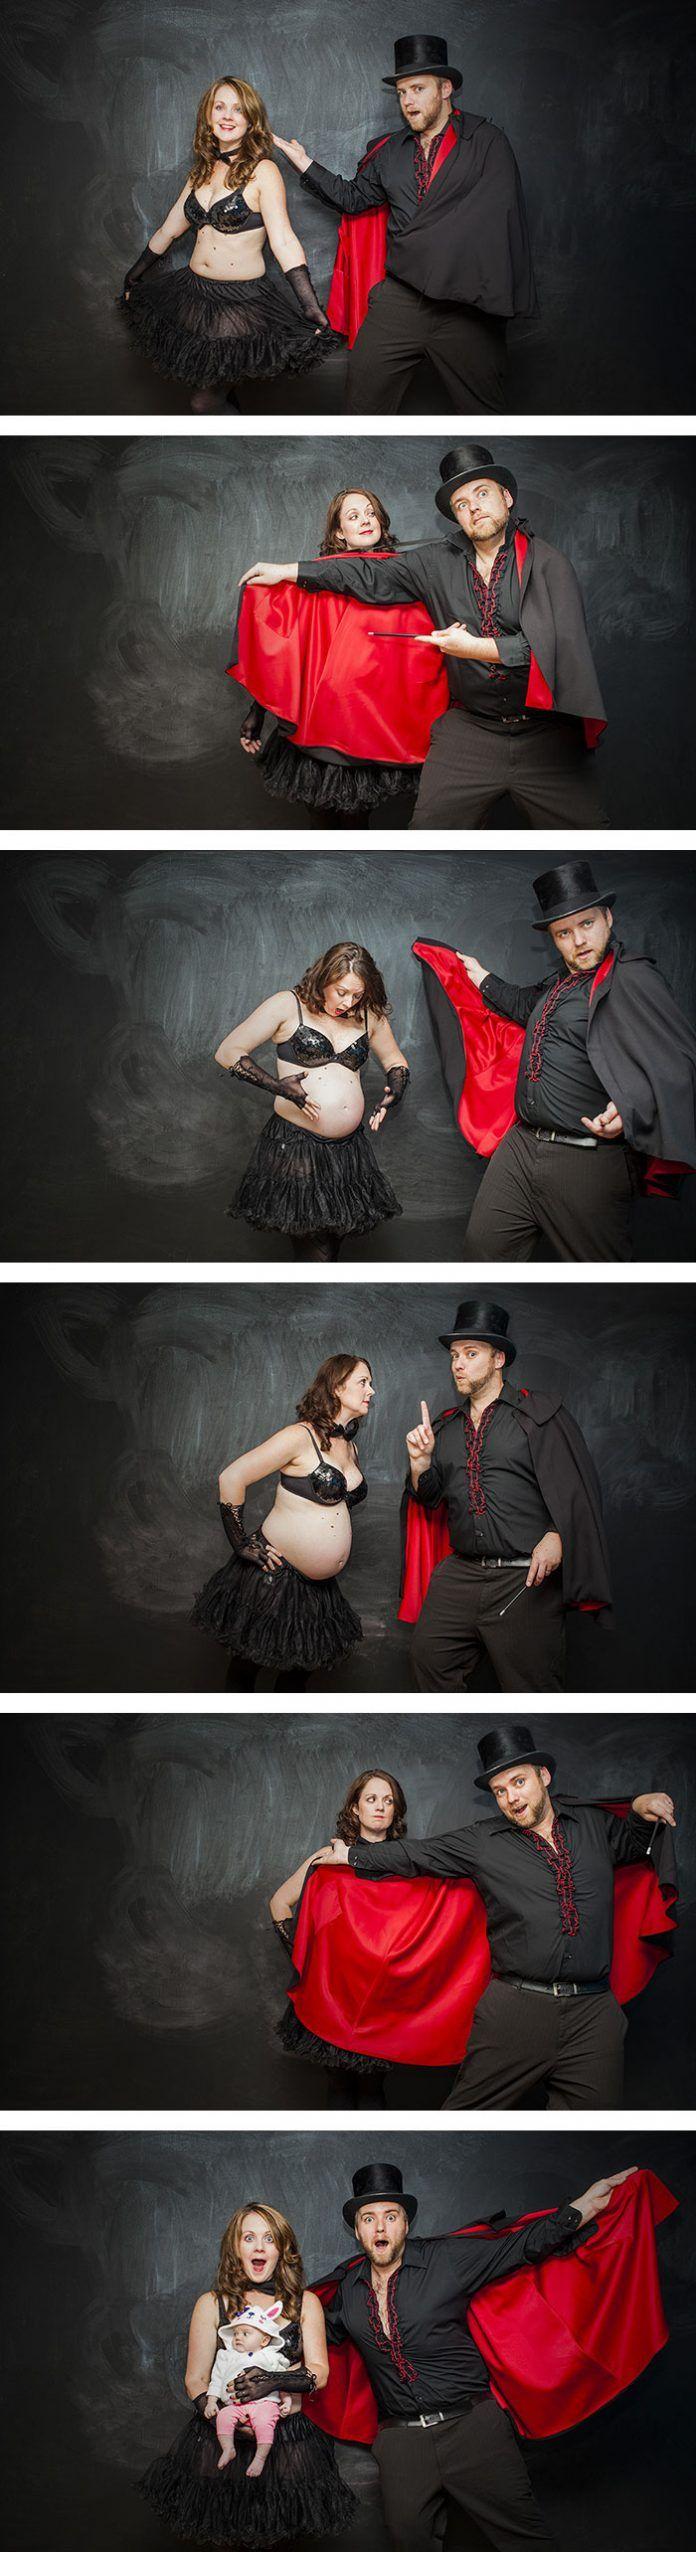 Grossesse : 15 superbes photos avant / après l'arrivée du bébé ! Humour, poésie et émotion.